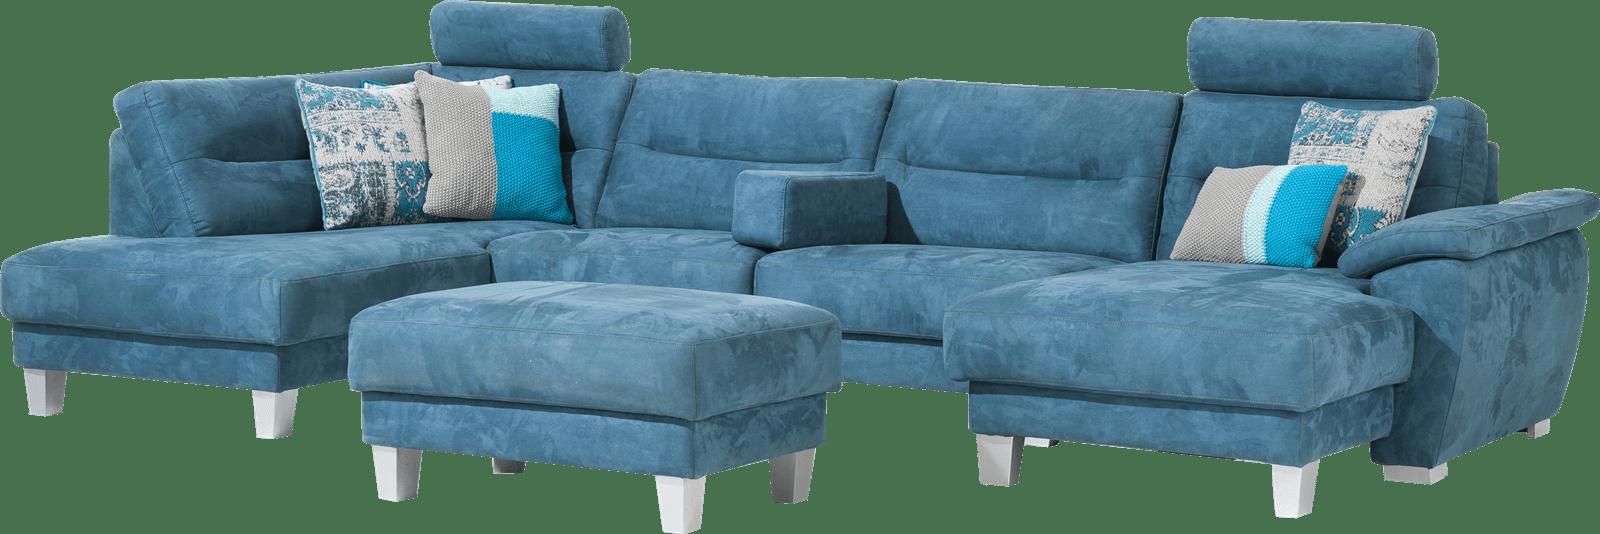 Palio - longchair rechts + 3-zits zonder armen + ottomane links